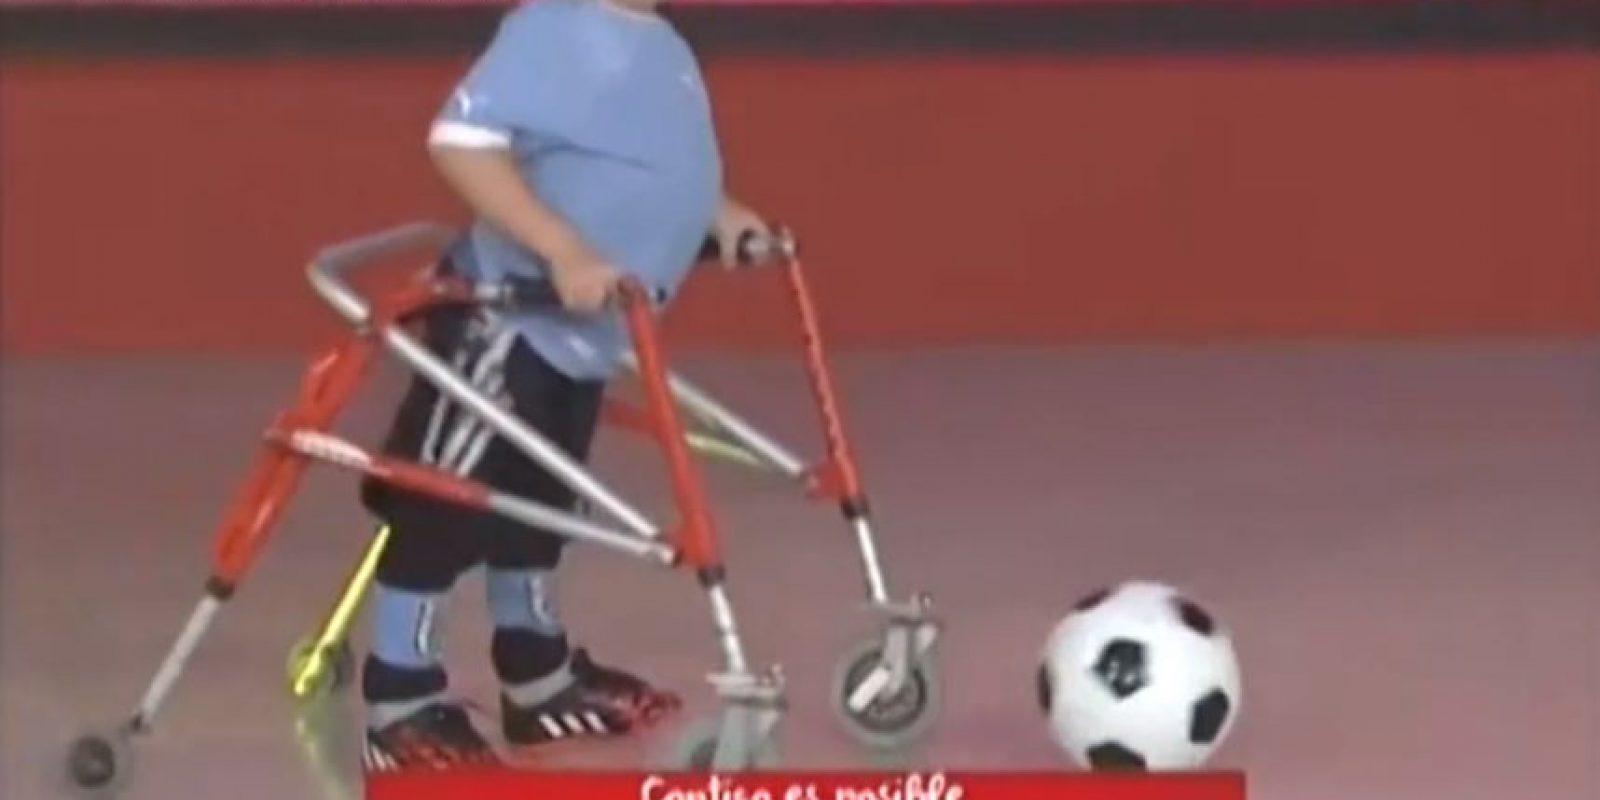 El niño padece espina bífida, una enfermedad que provoca falta de musculatura en las piernas Foto:Youtube: SubrayadoHD